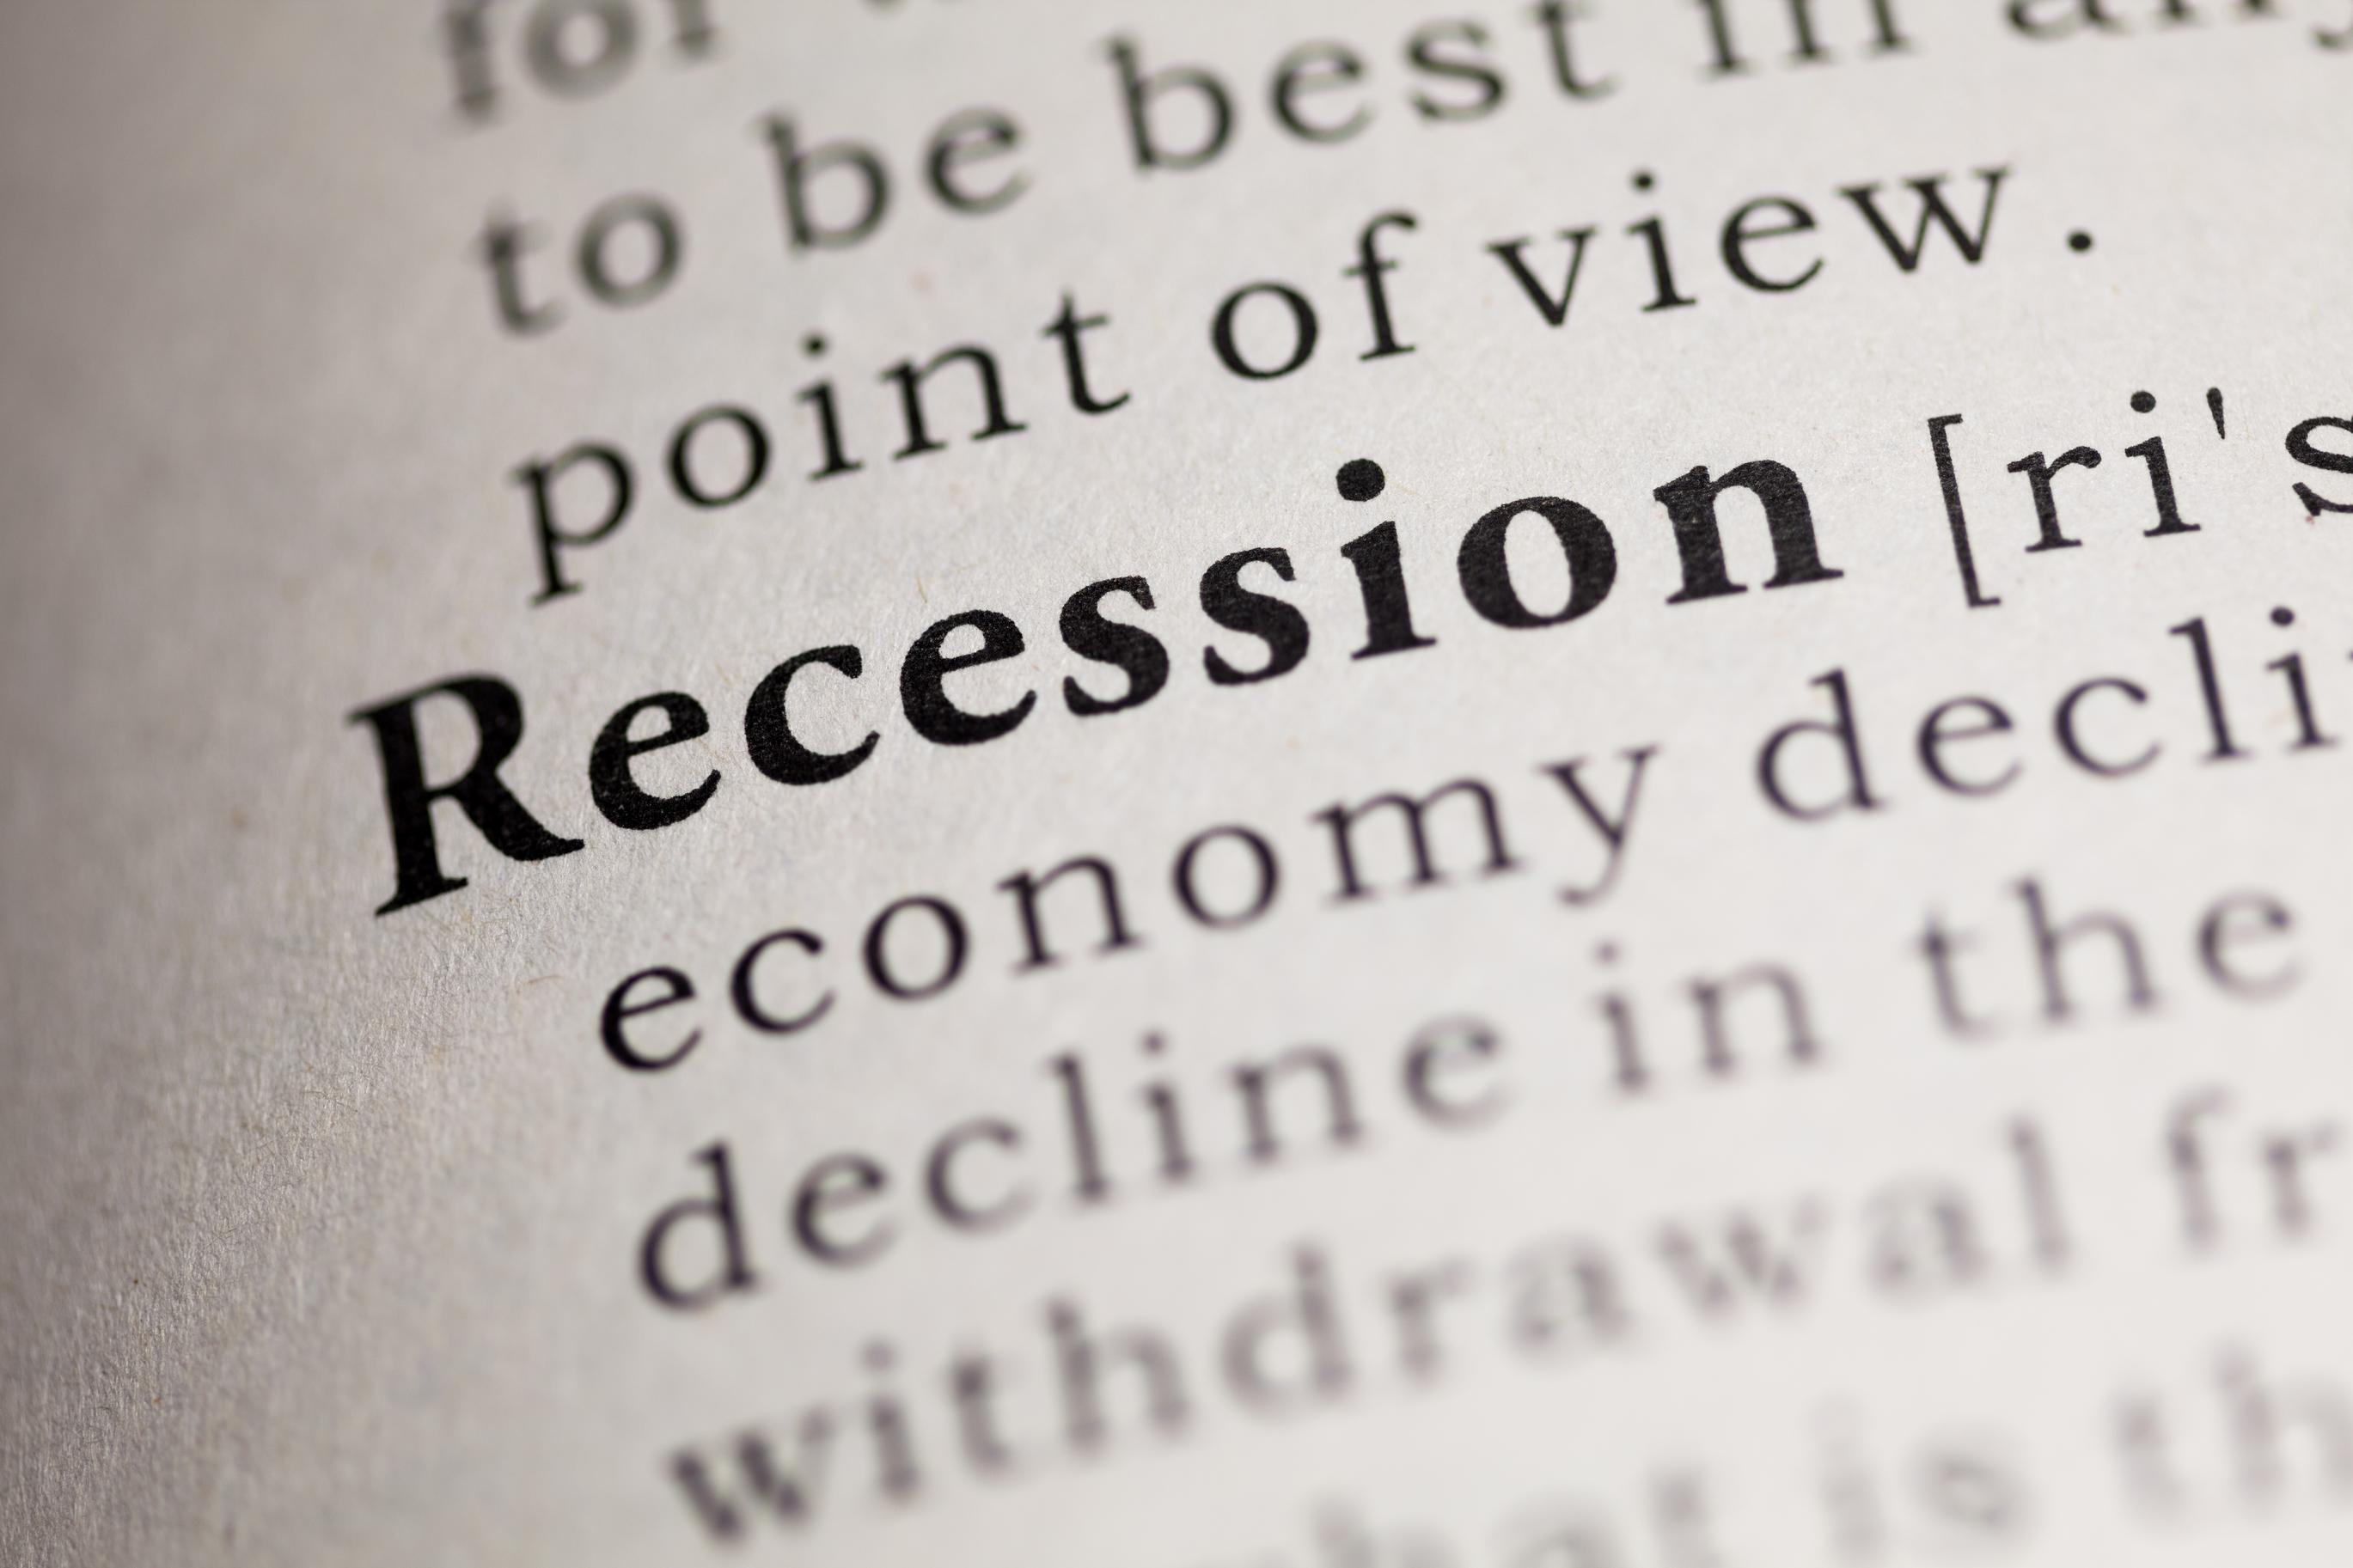 Récession